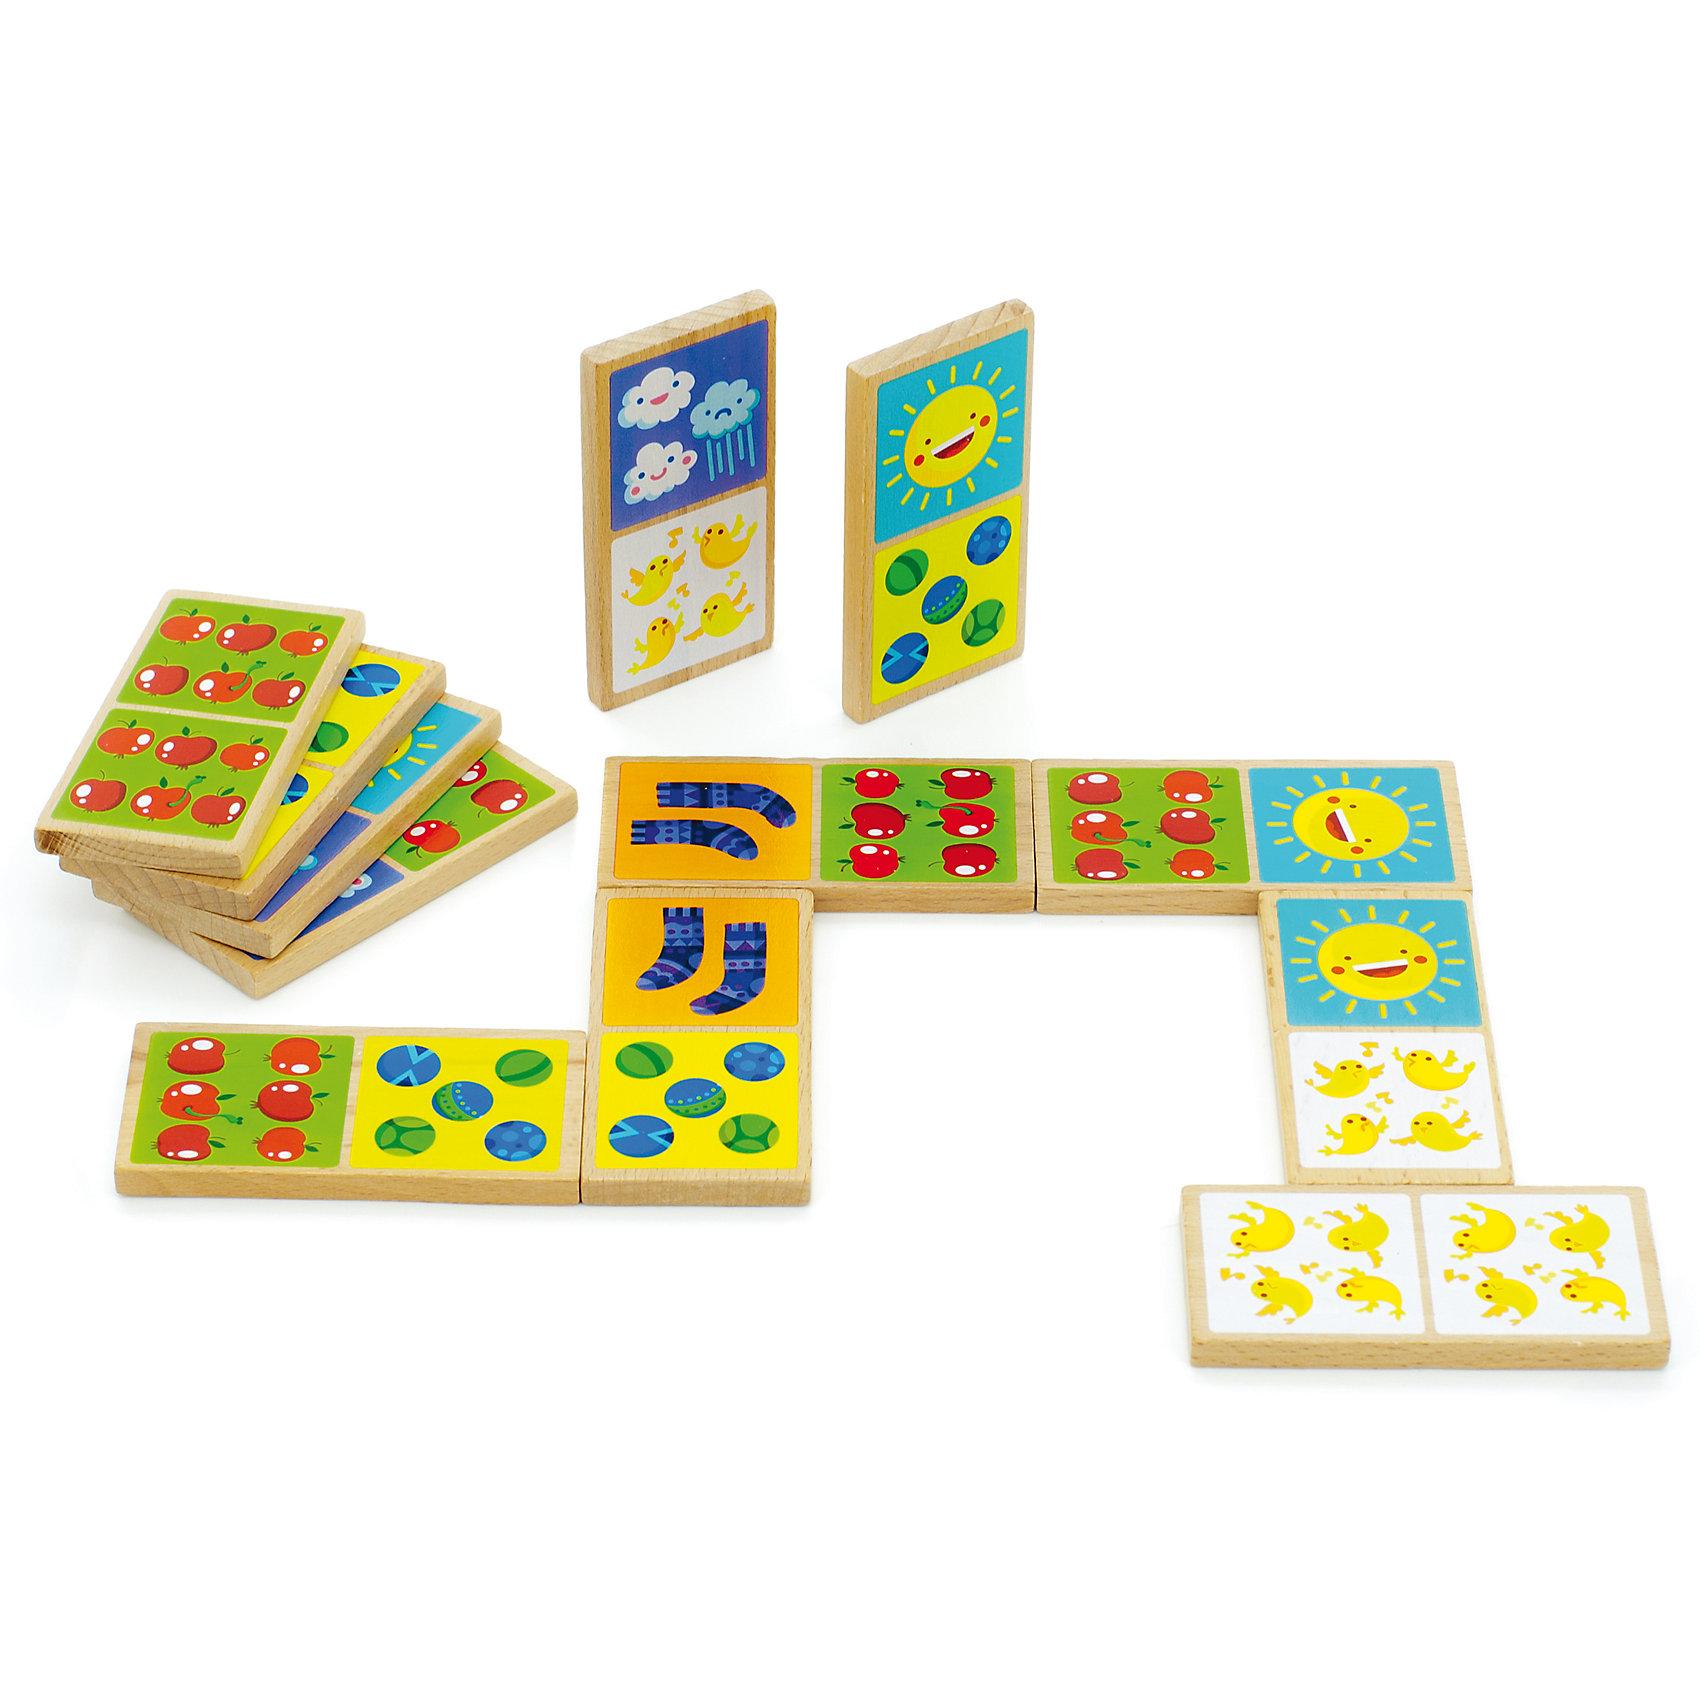 Домино Счёт, Мир деревянных игрушекДомино - отлична игра для всей семьи! Такие развивающие игры помогают малышу быстрее освоить нужные навыки: они развивают мелкую моторику, цветовосприятие, умение логически размышлять, внимание, способность распознавать разные геометрические формы, умение считать и многое другое.<br>Это домино сделано из натурального дерева, отлично обработанного и безопасного для малышей. Игра с ним может надолго занять ребенка!<br><br>Дополнительная информация:<br><br>цвет: разноцветный;<br>материал: дерево;<br>размер упаковки: 21 х 11 х 17 см.<br><br>Домино Счёт от компании Мир деревянных игрушек можно купить в нашем магазине.<br><br>Ширина мм: 215<br>Глубина мм: 110<br>Высота мм: 170<br>Вес г: 670<br>Возраст от месяцев: 36<br>Возраст до месяцев: 2147483647<br>Пол: Унисекс<br>Возраст: Детский<br>SKU: 4976696